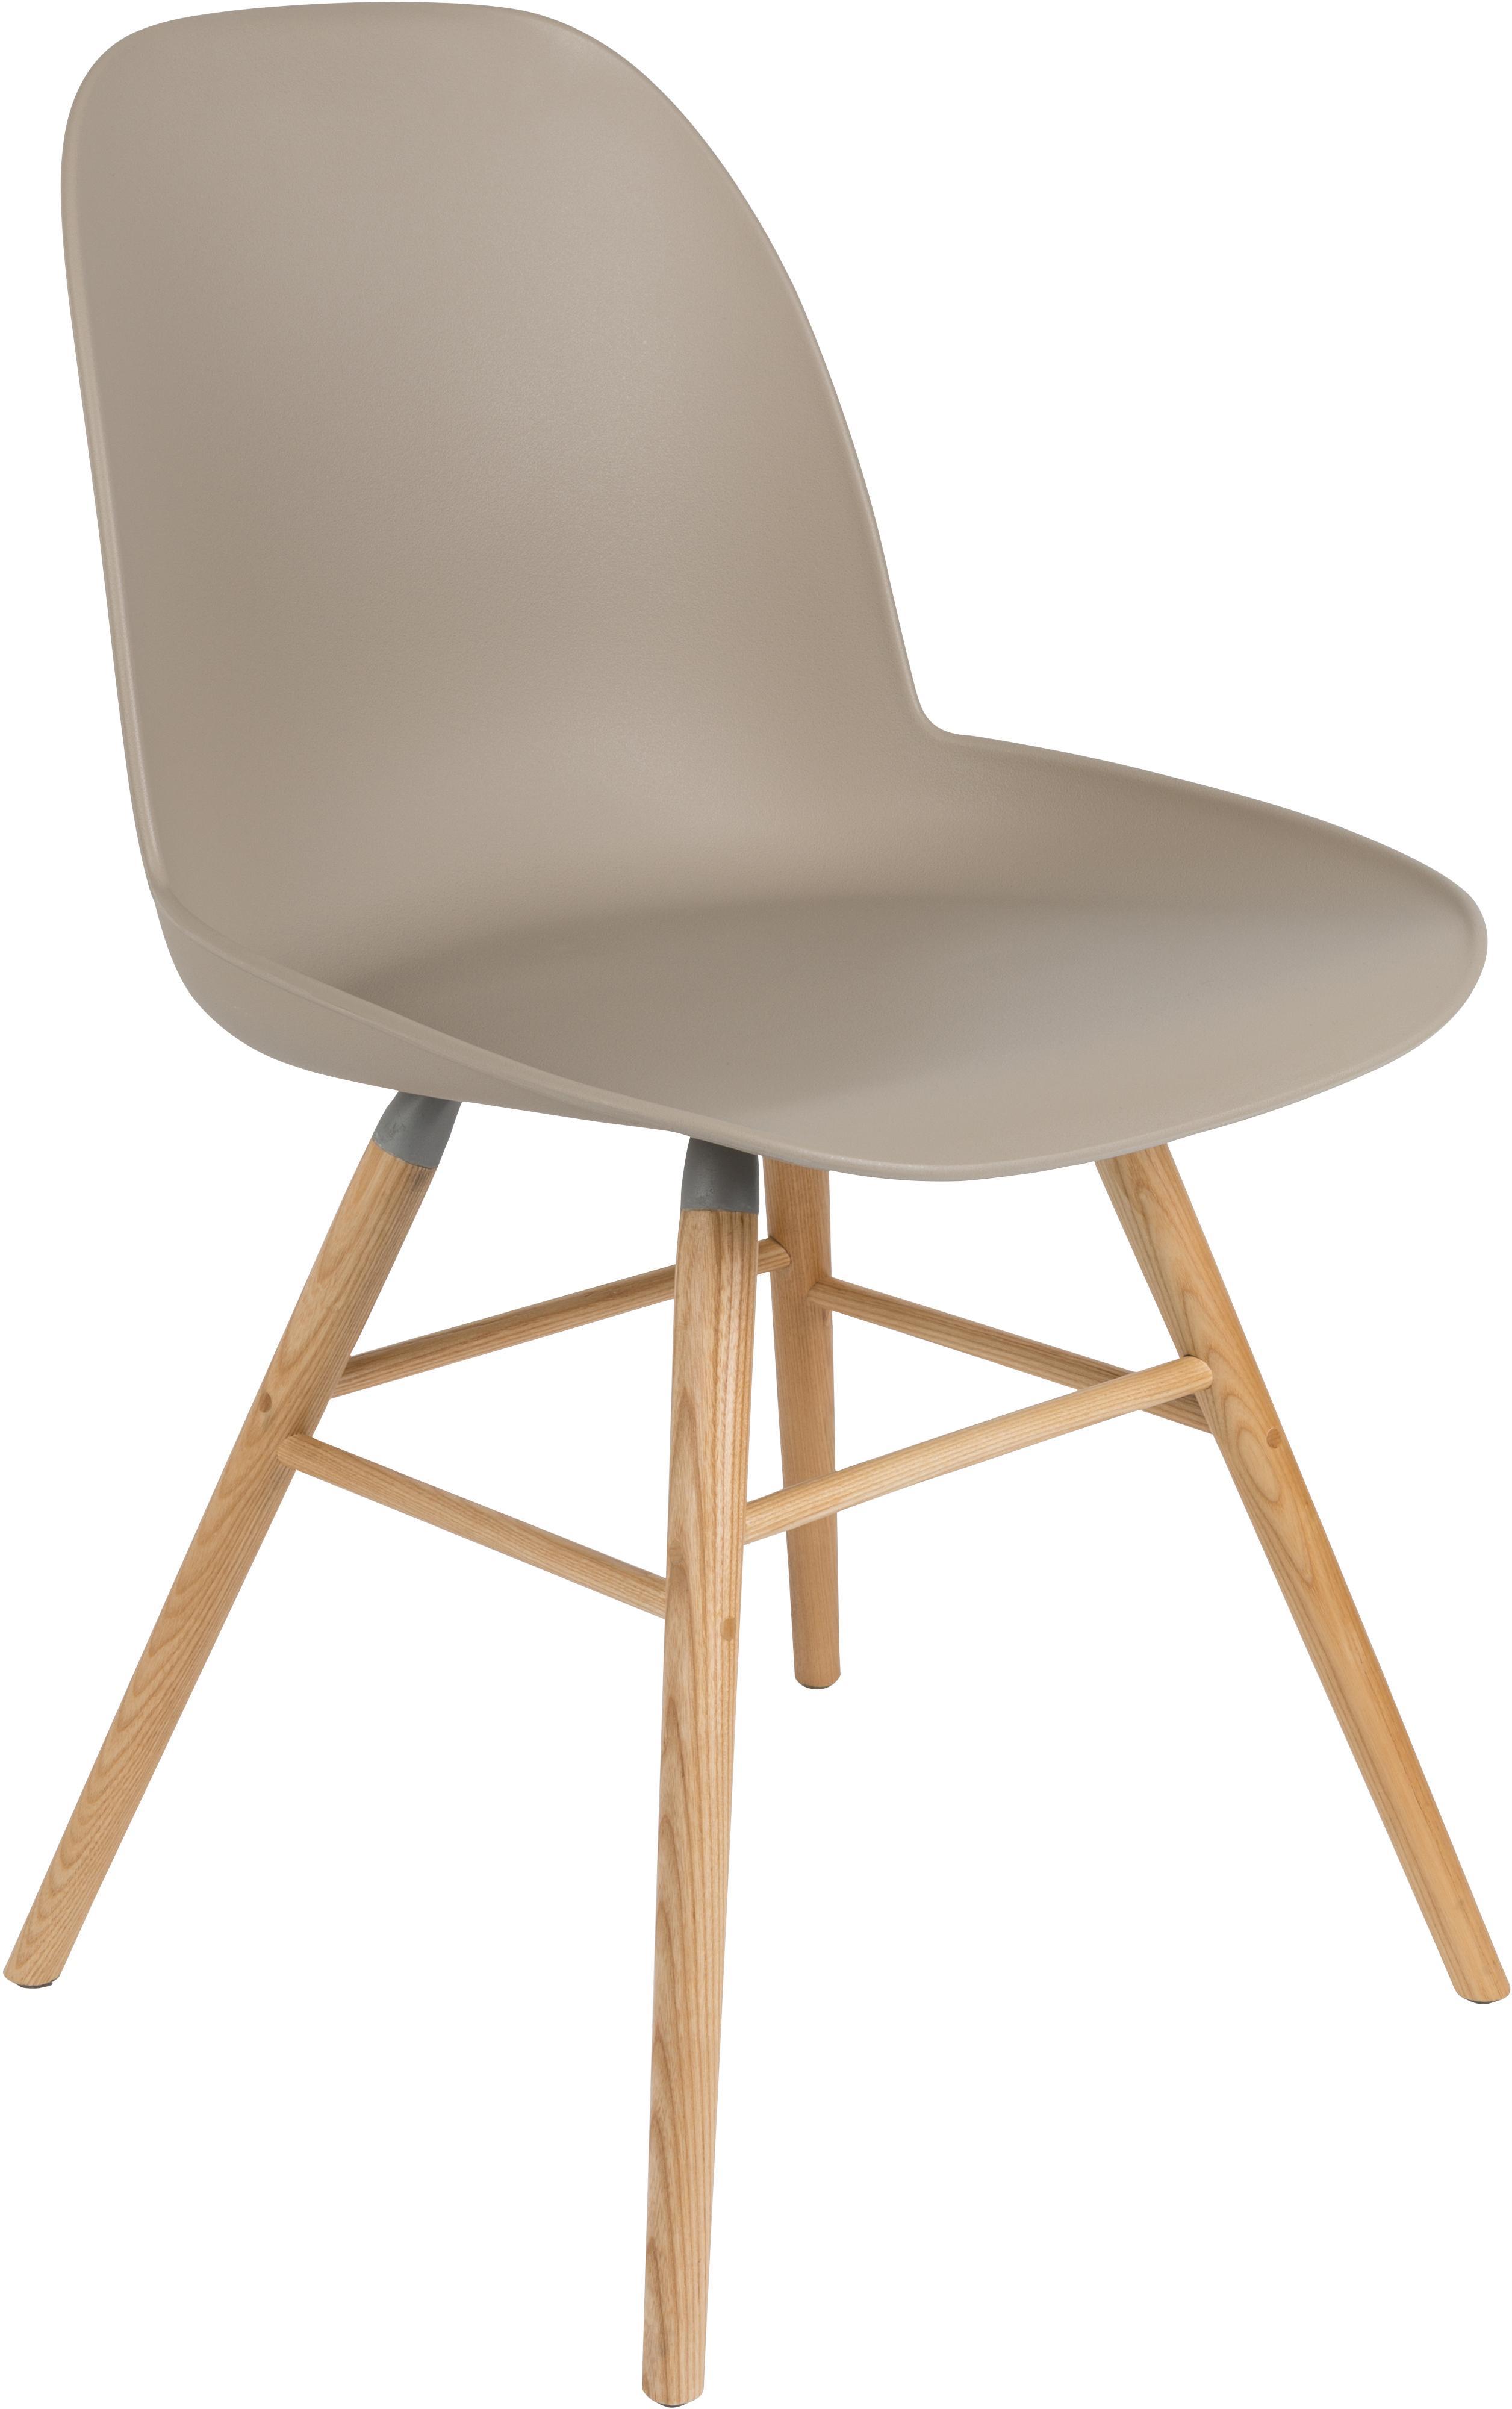 Sedia Albert Kuip, Seduta: 100% polipropilene, Piedini: legno di frassino, Taupe, Larg. 49 x Prof. 55 cm